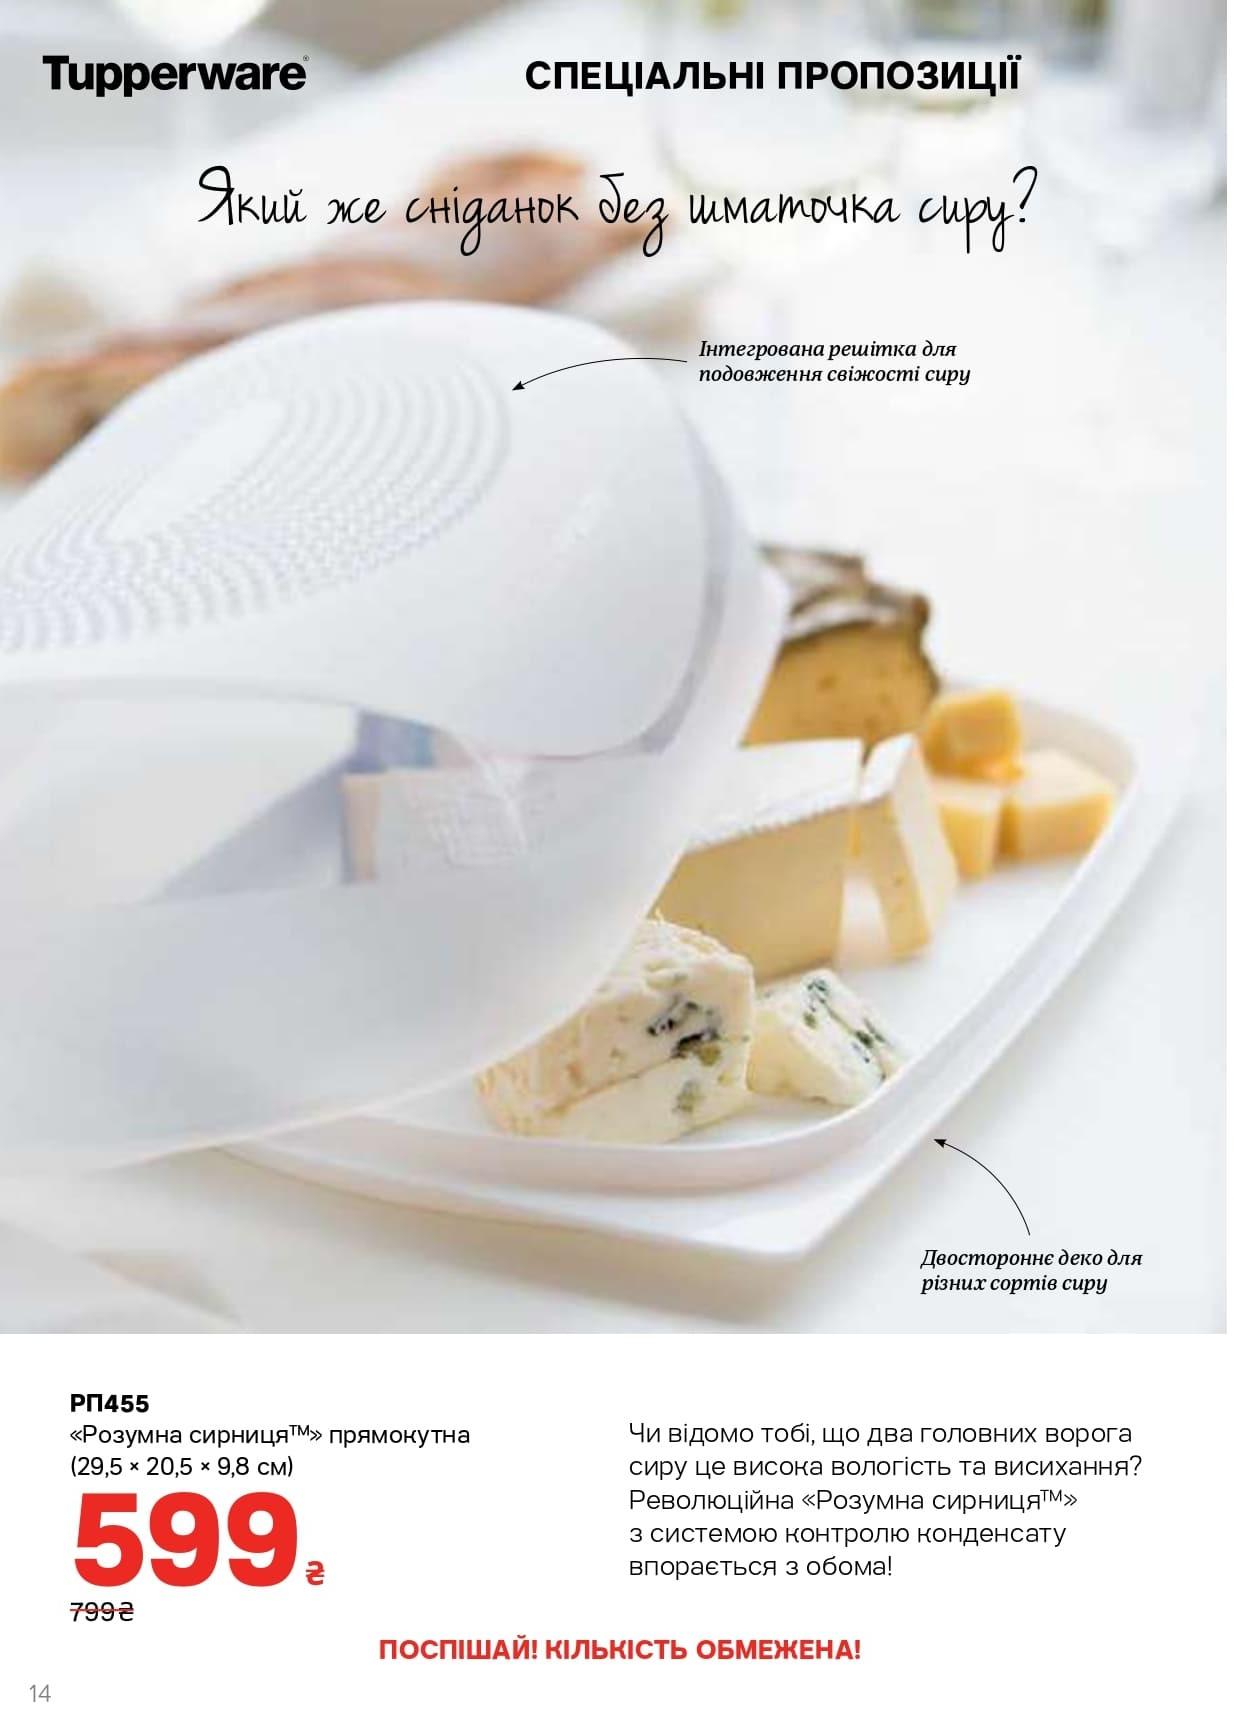 Tupperware Умная сырница большая - Первый раз в распродаже, цена снижена на 25%